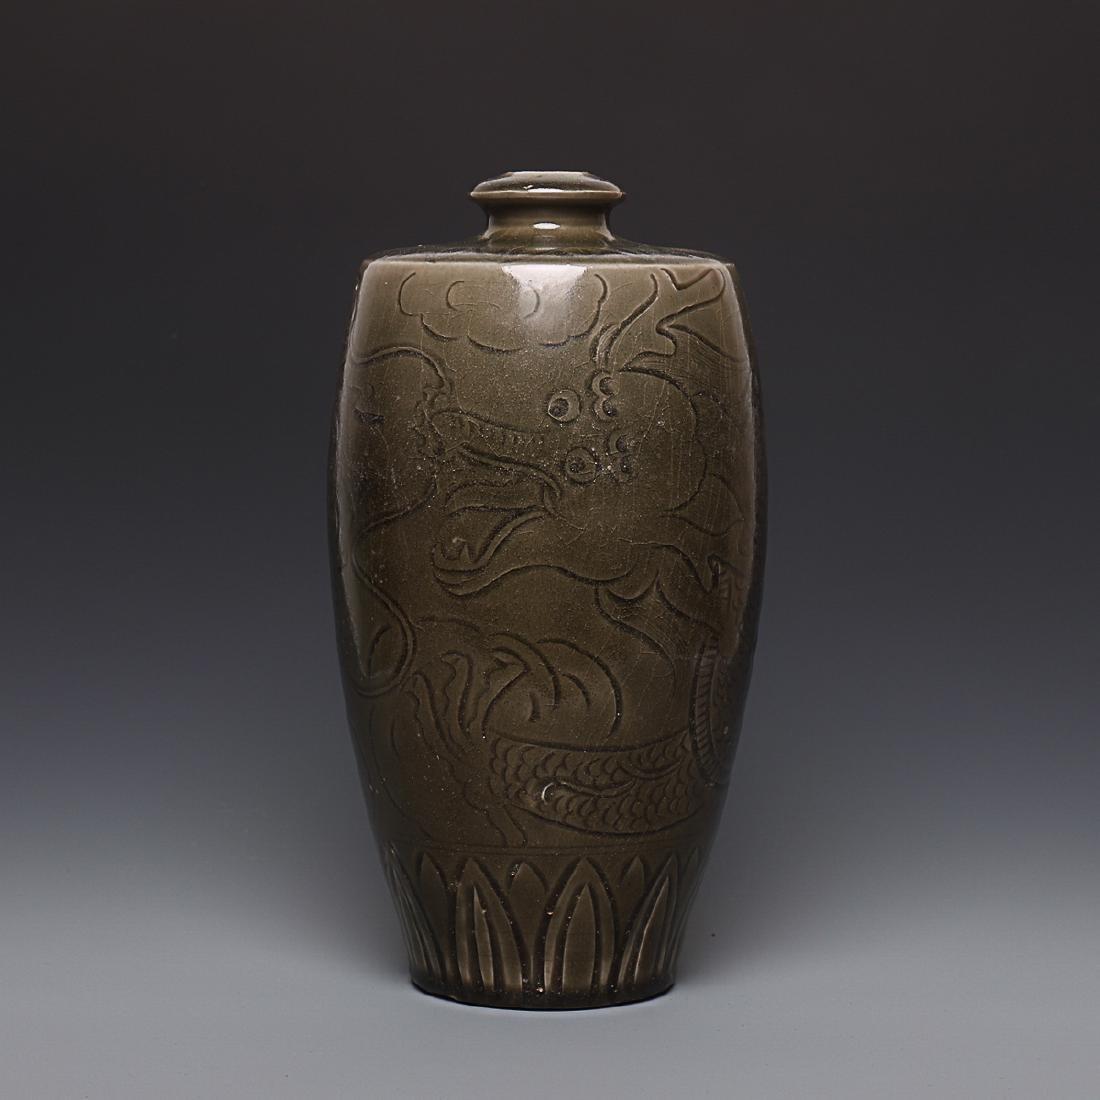 Vintage Chinese Porcelain Vase - 3